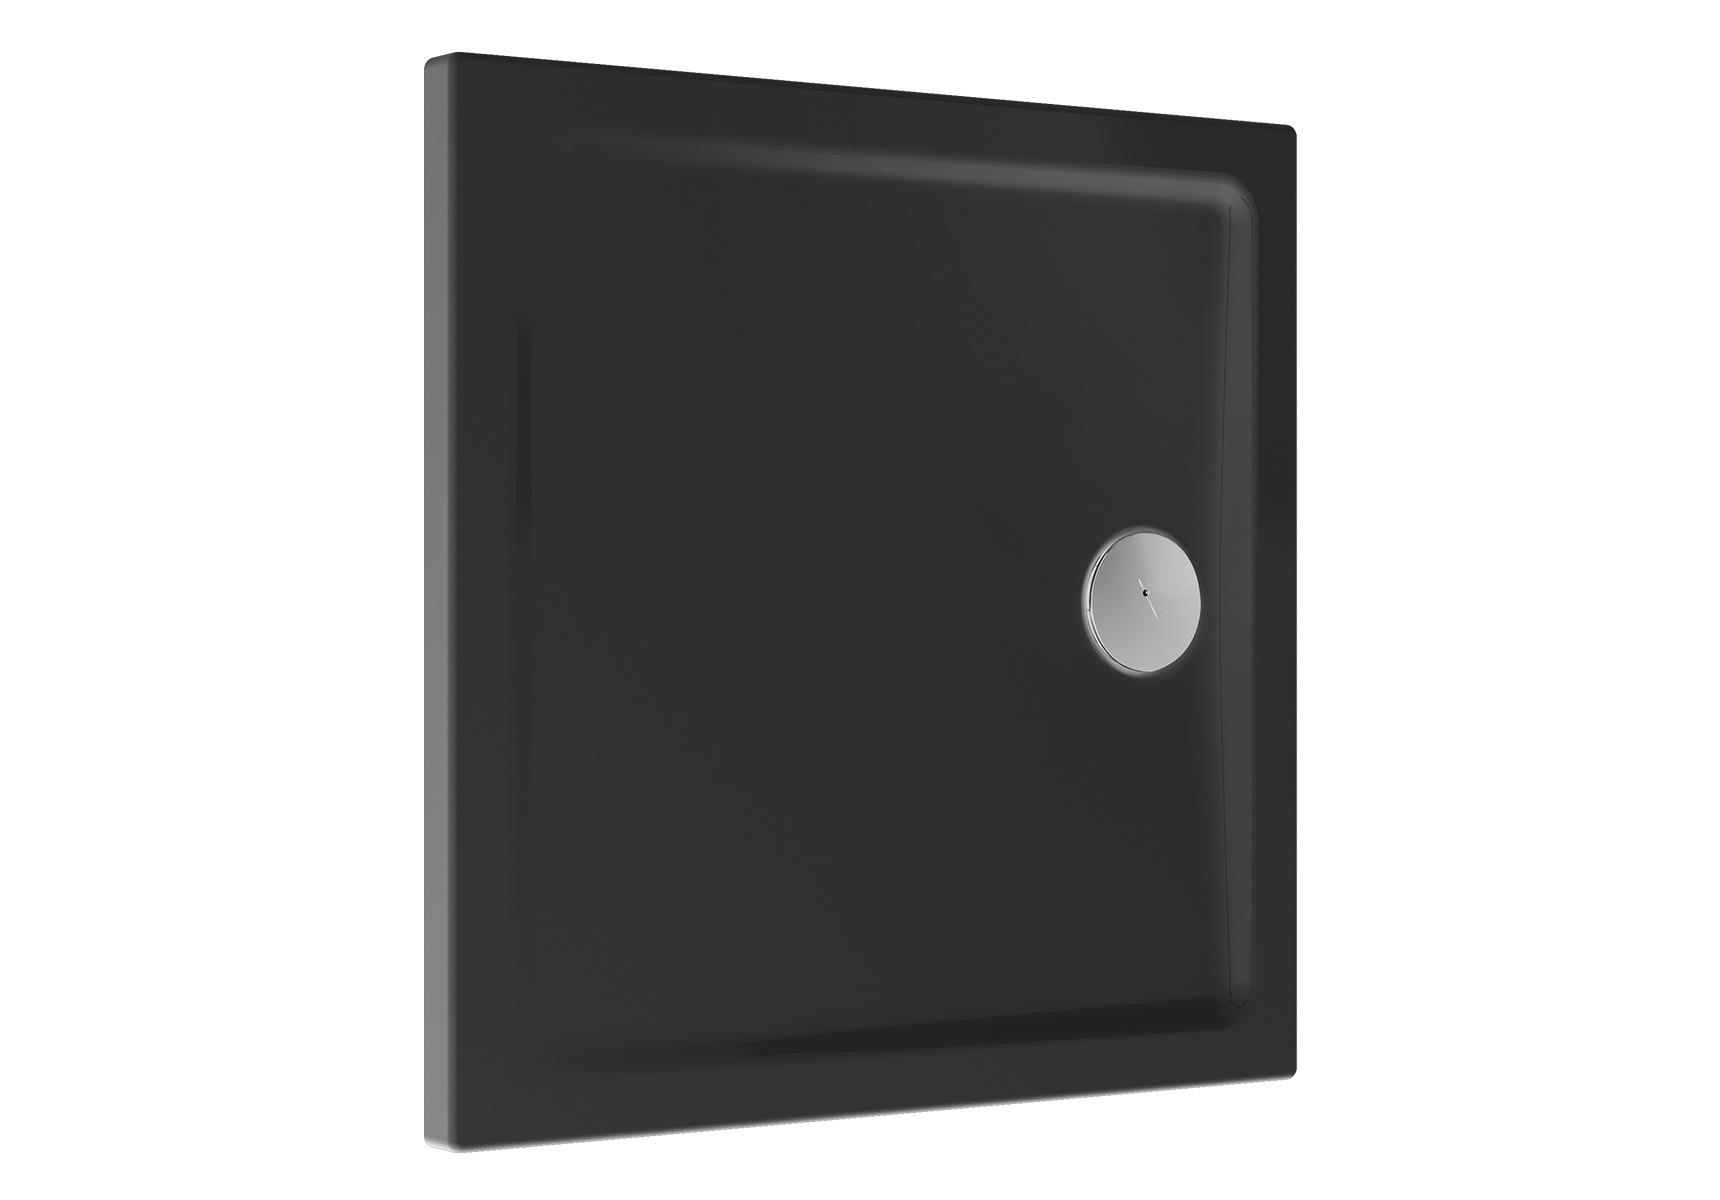 Cascade receveur ultra plat en céramique, 80 cm, carré, anthraciteacite